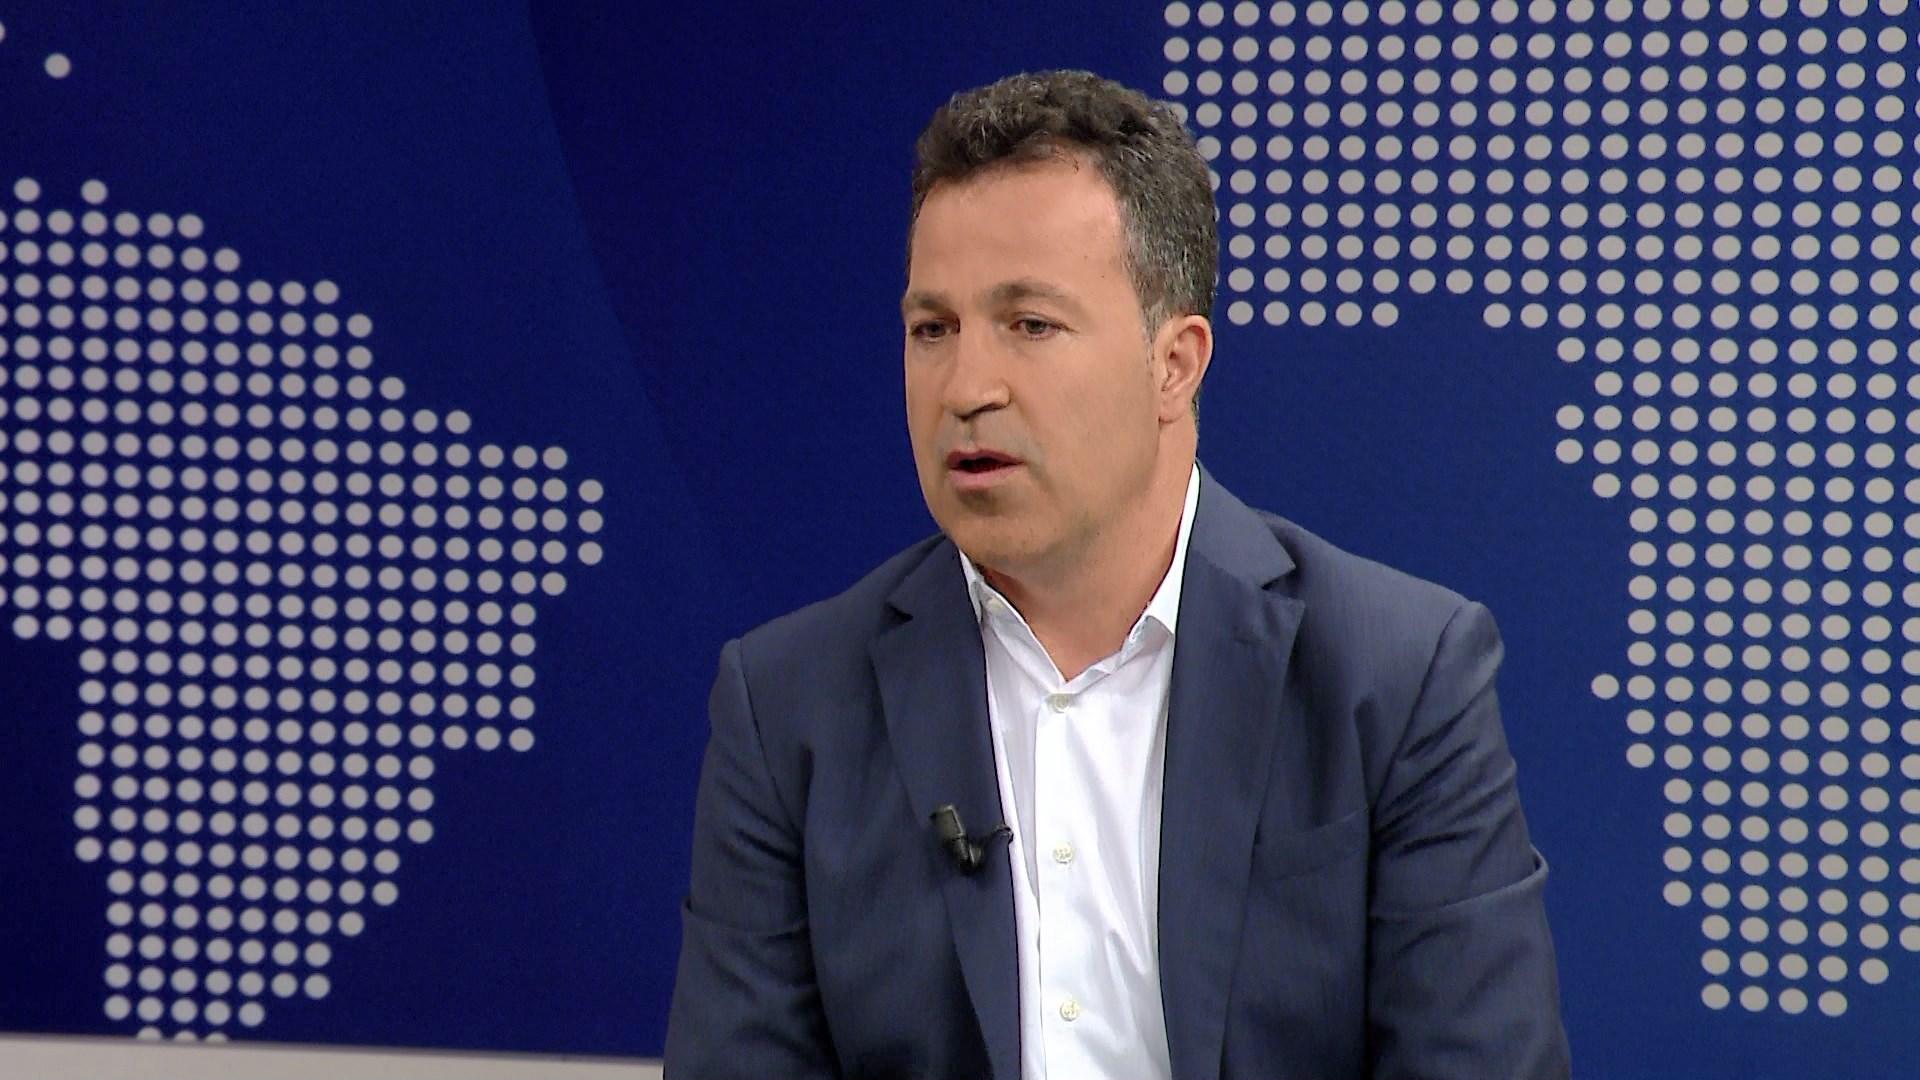 Niko Peleshi në ABC News: Shqipëria me 12 muaj turizëm. Opozita fokusohet tek sajesat